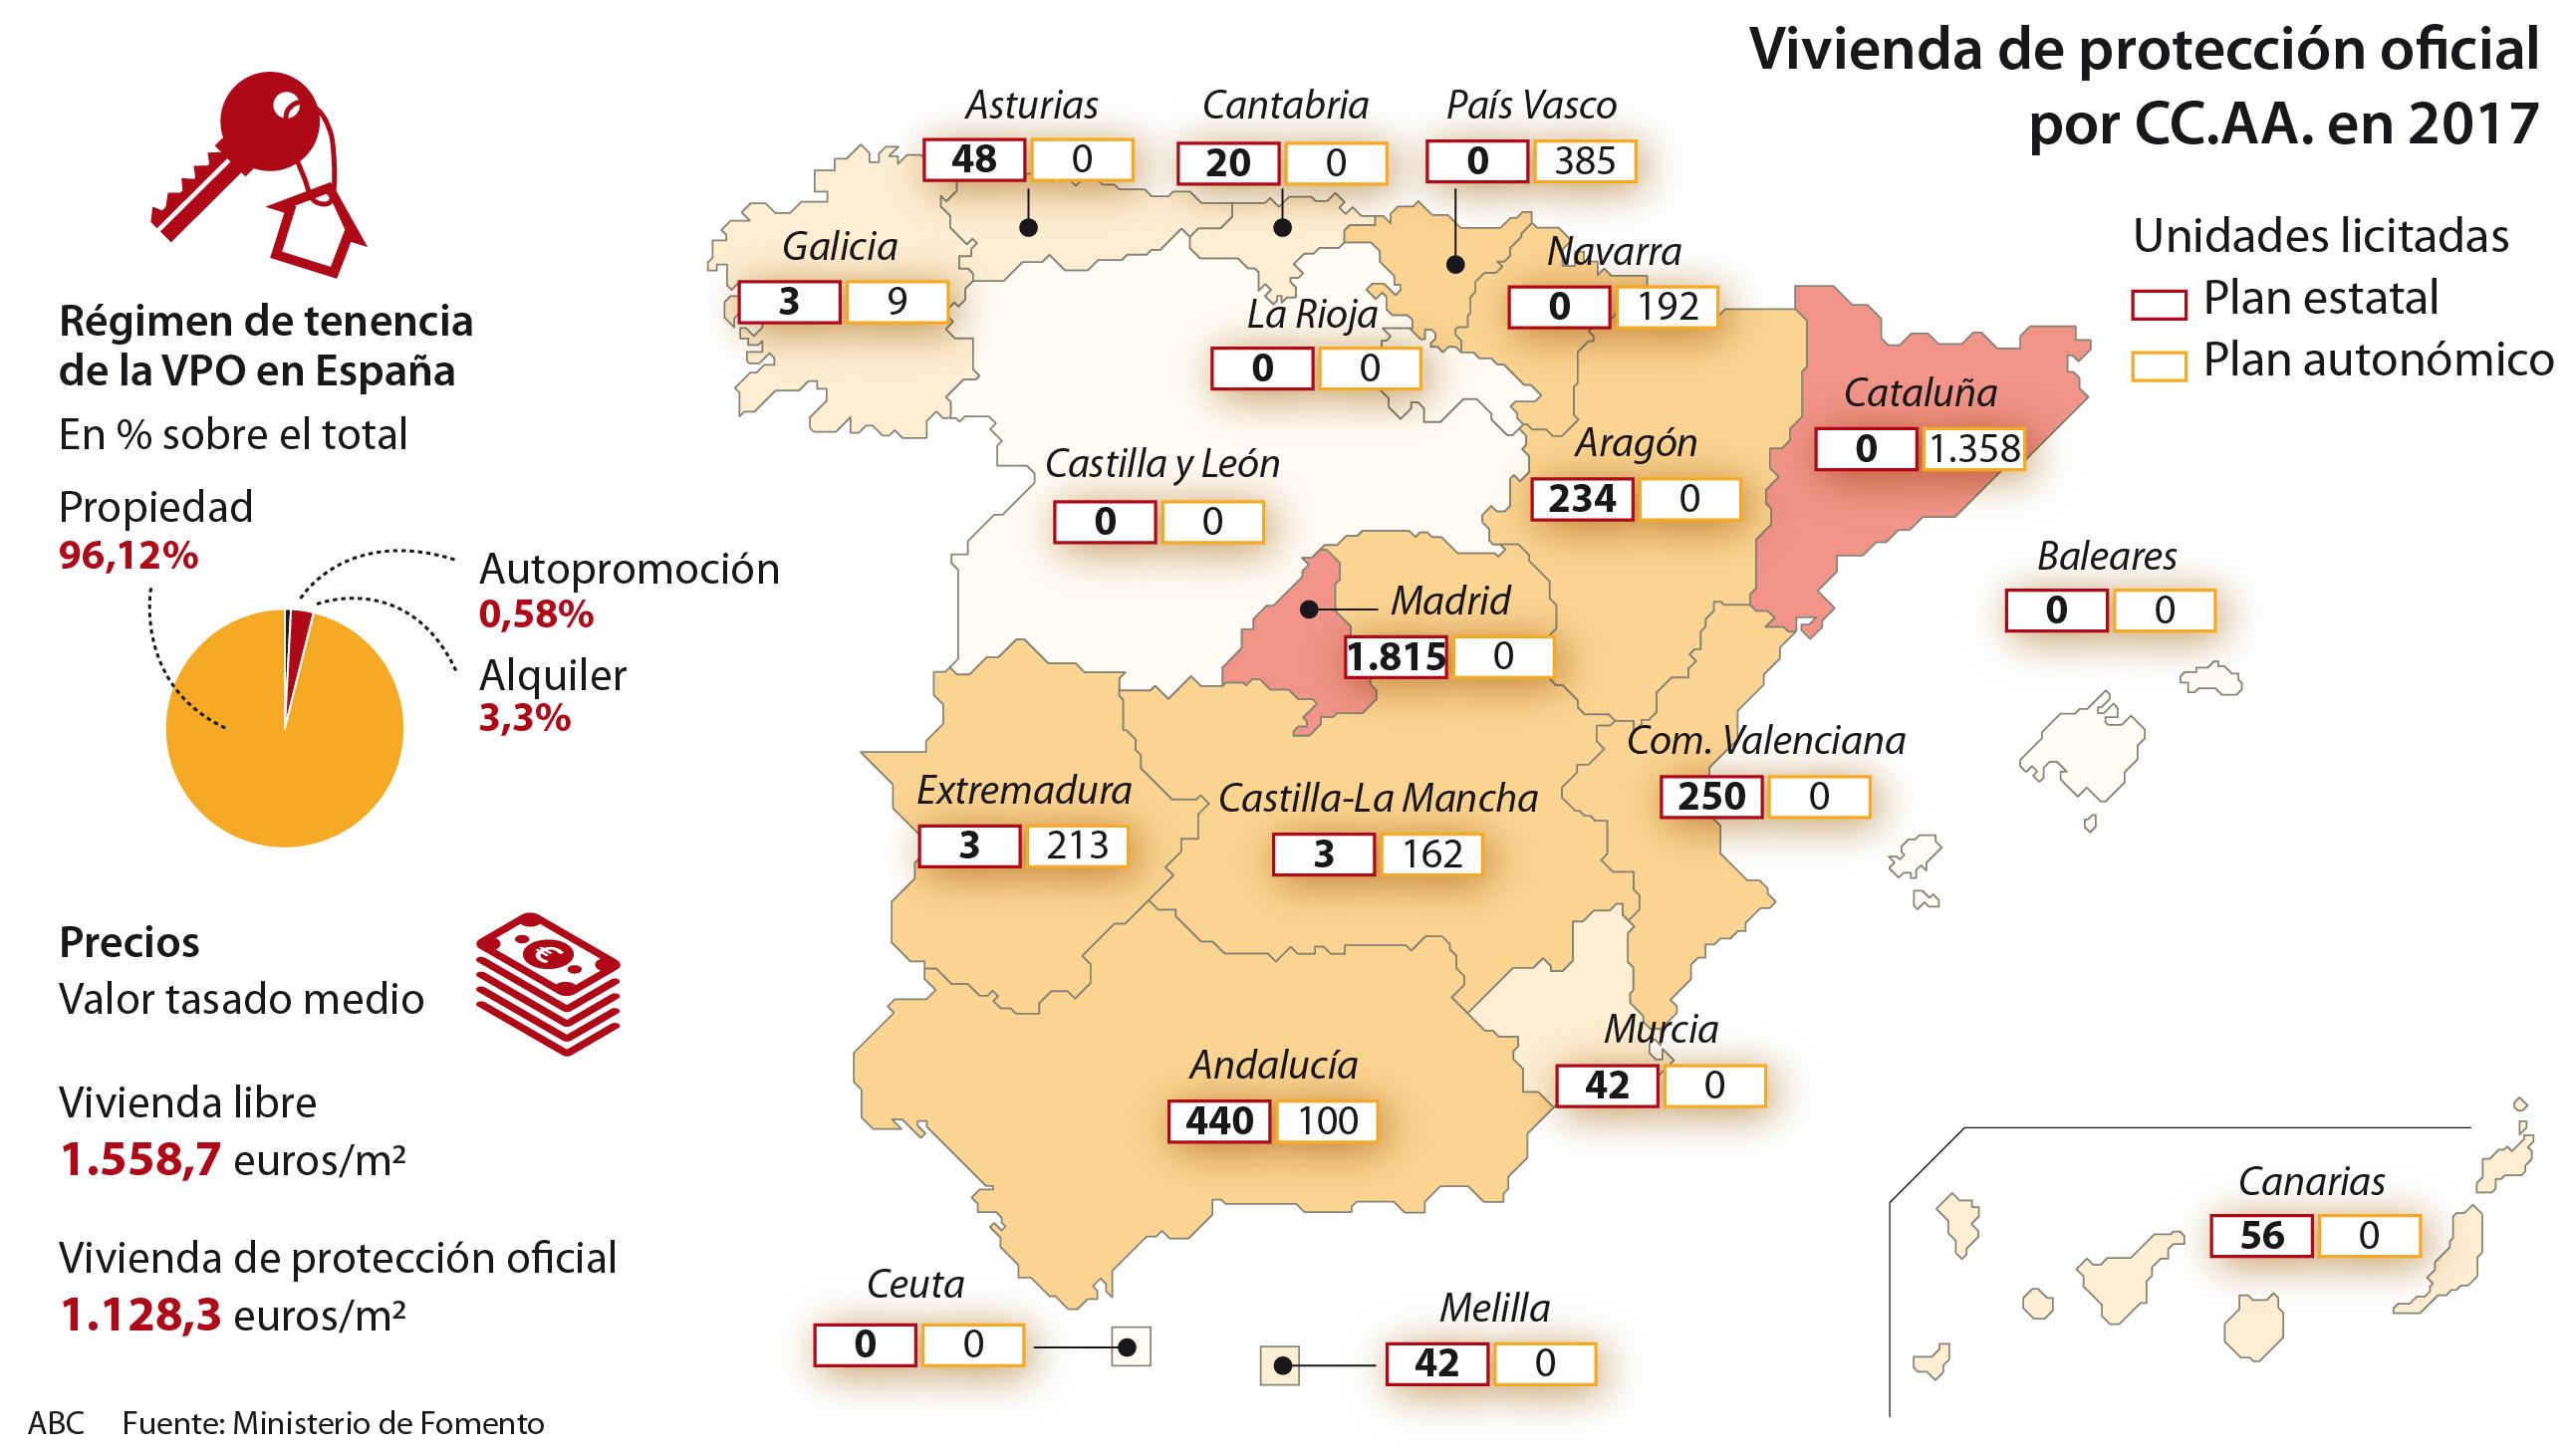 Vpo espa a se queda a la cola de europa en vivienda social - Casas de proteccion oficial ...